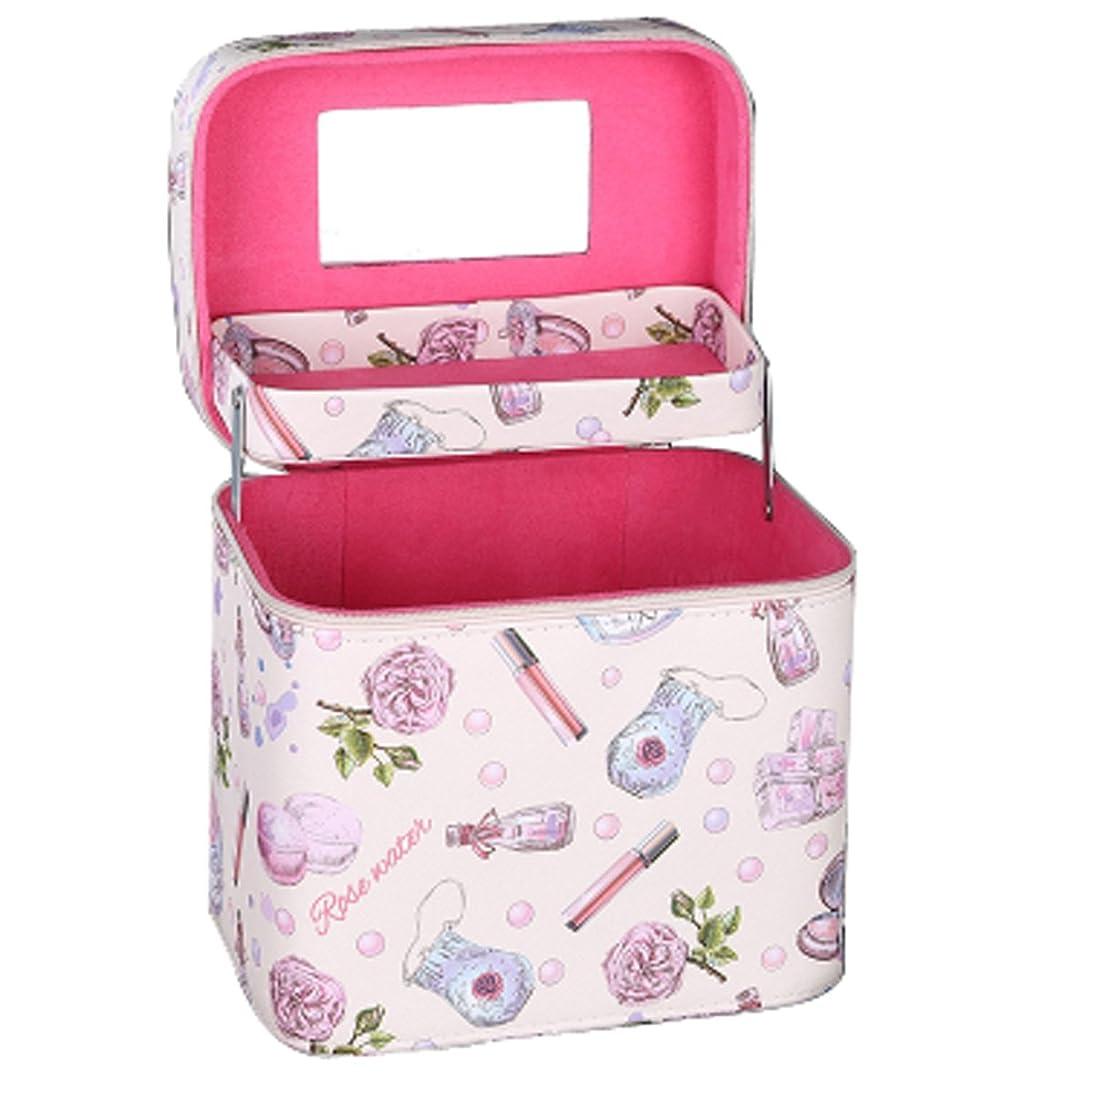 裁量鼓舞するアクセントメイクボックス プロ 人気 コスメボックス 鏡付き 大容量 かわいい 化粧ボックス 持ち運び (ピンク2層)